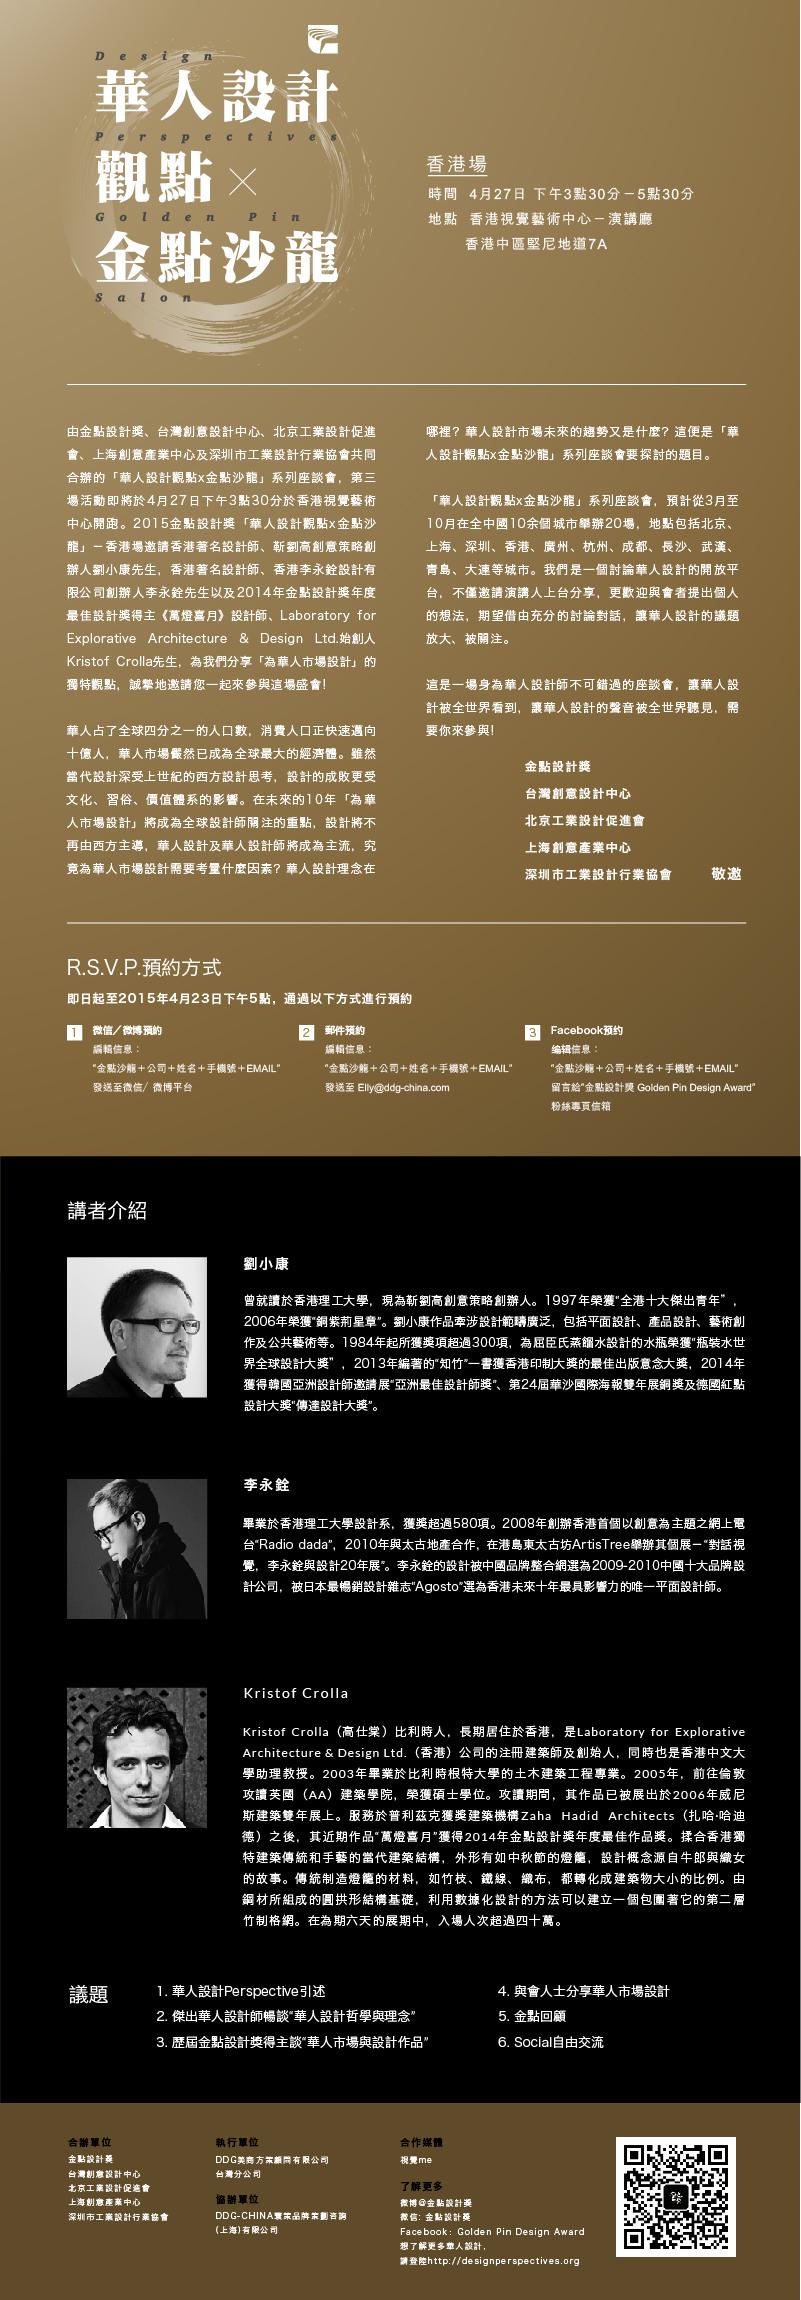 華人設計觀點x金點沙龍—香港場